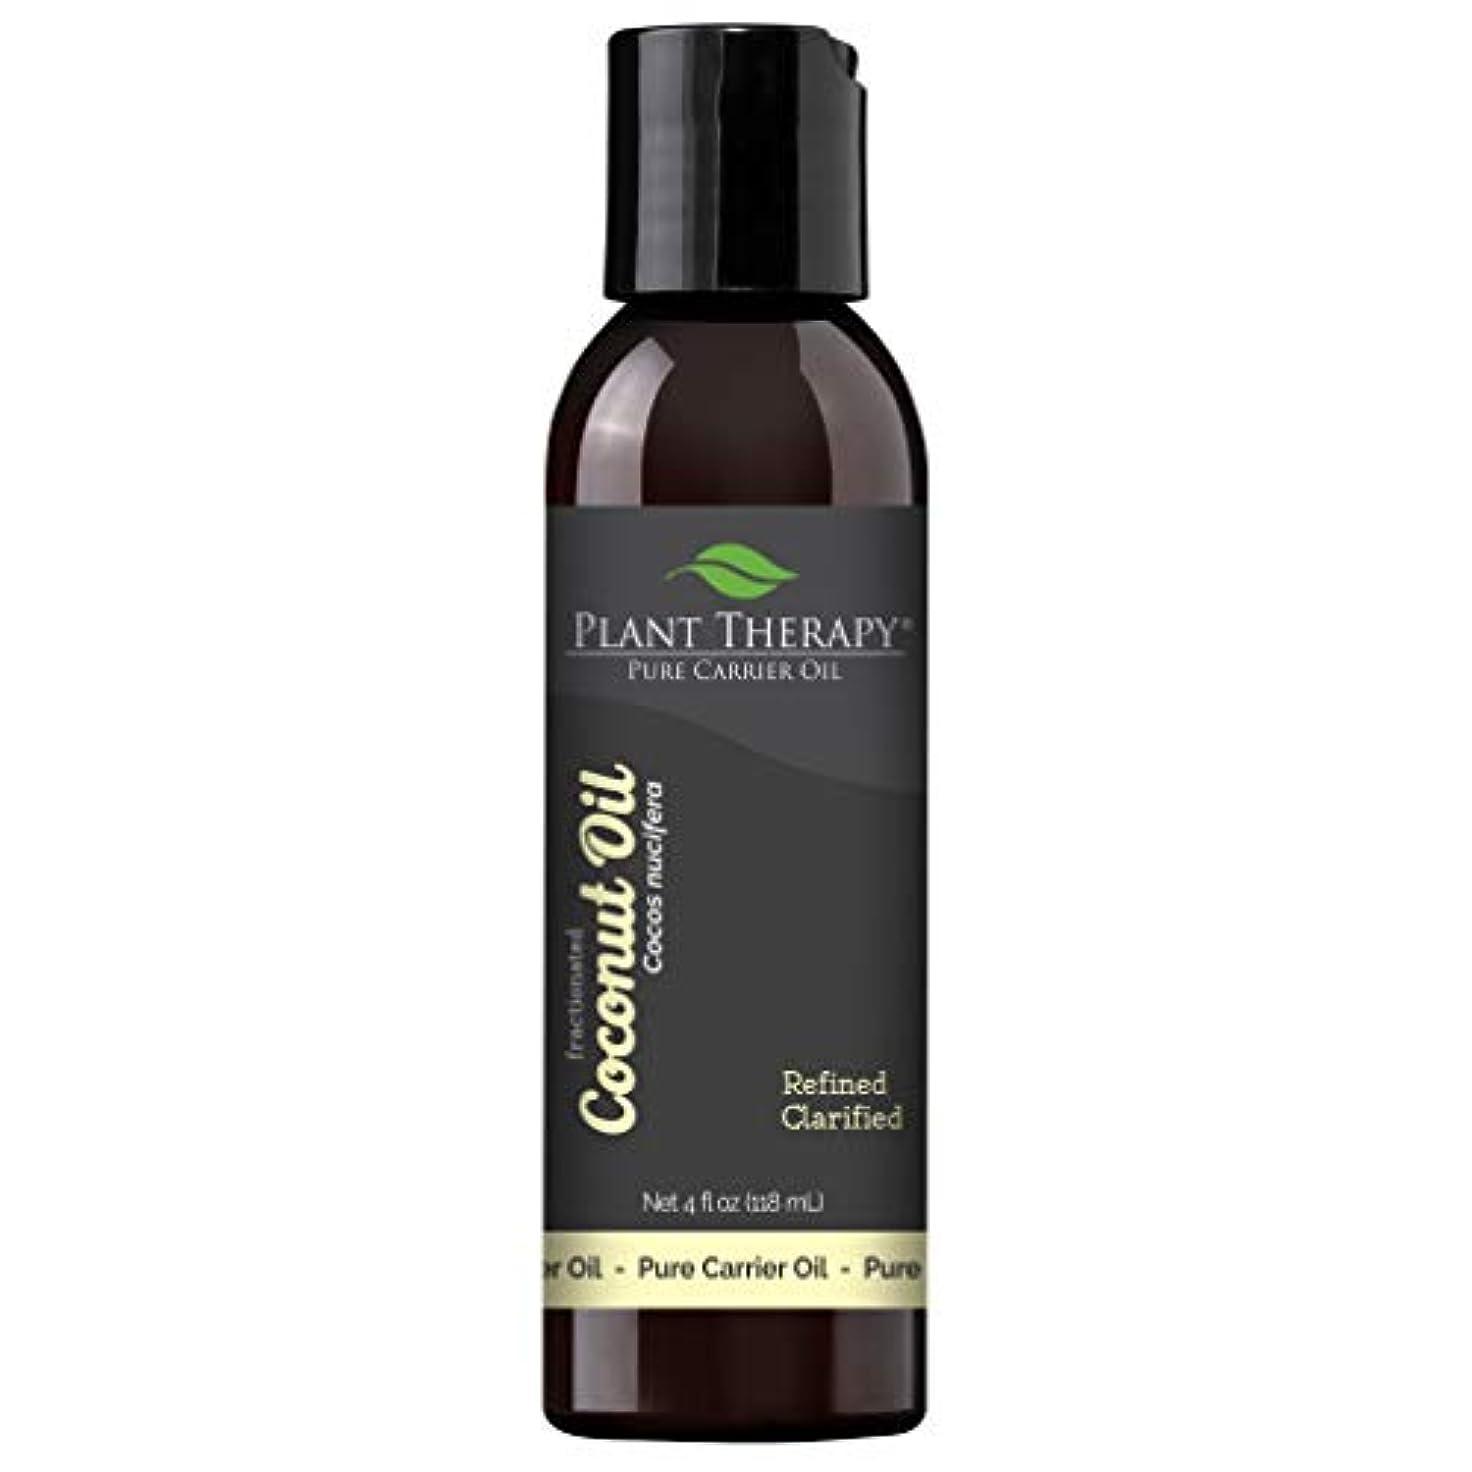 航空飲料二年生Plant Therapy Essential Oils (プラントセラピー エッセンシャルオイル) ココナッツ (分別蒸留) 4 オンス キャリアオイル